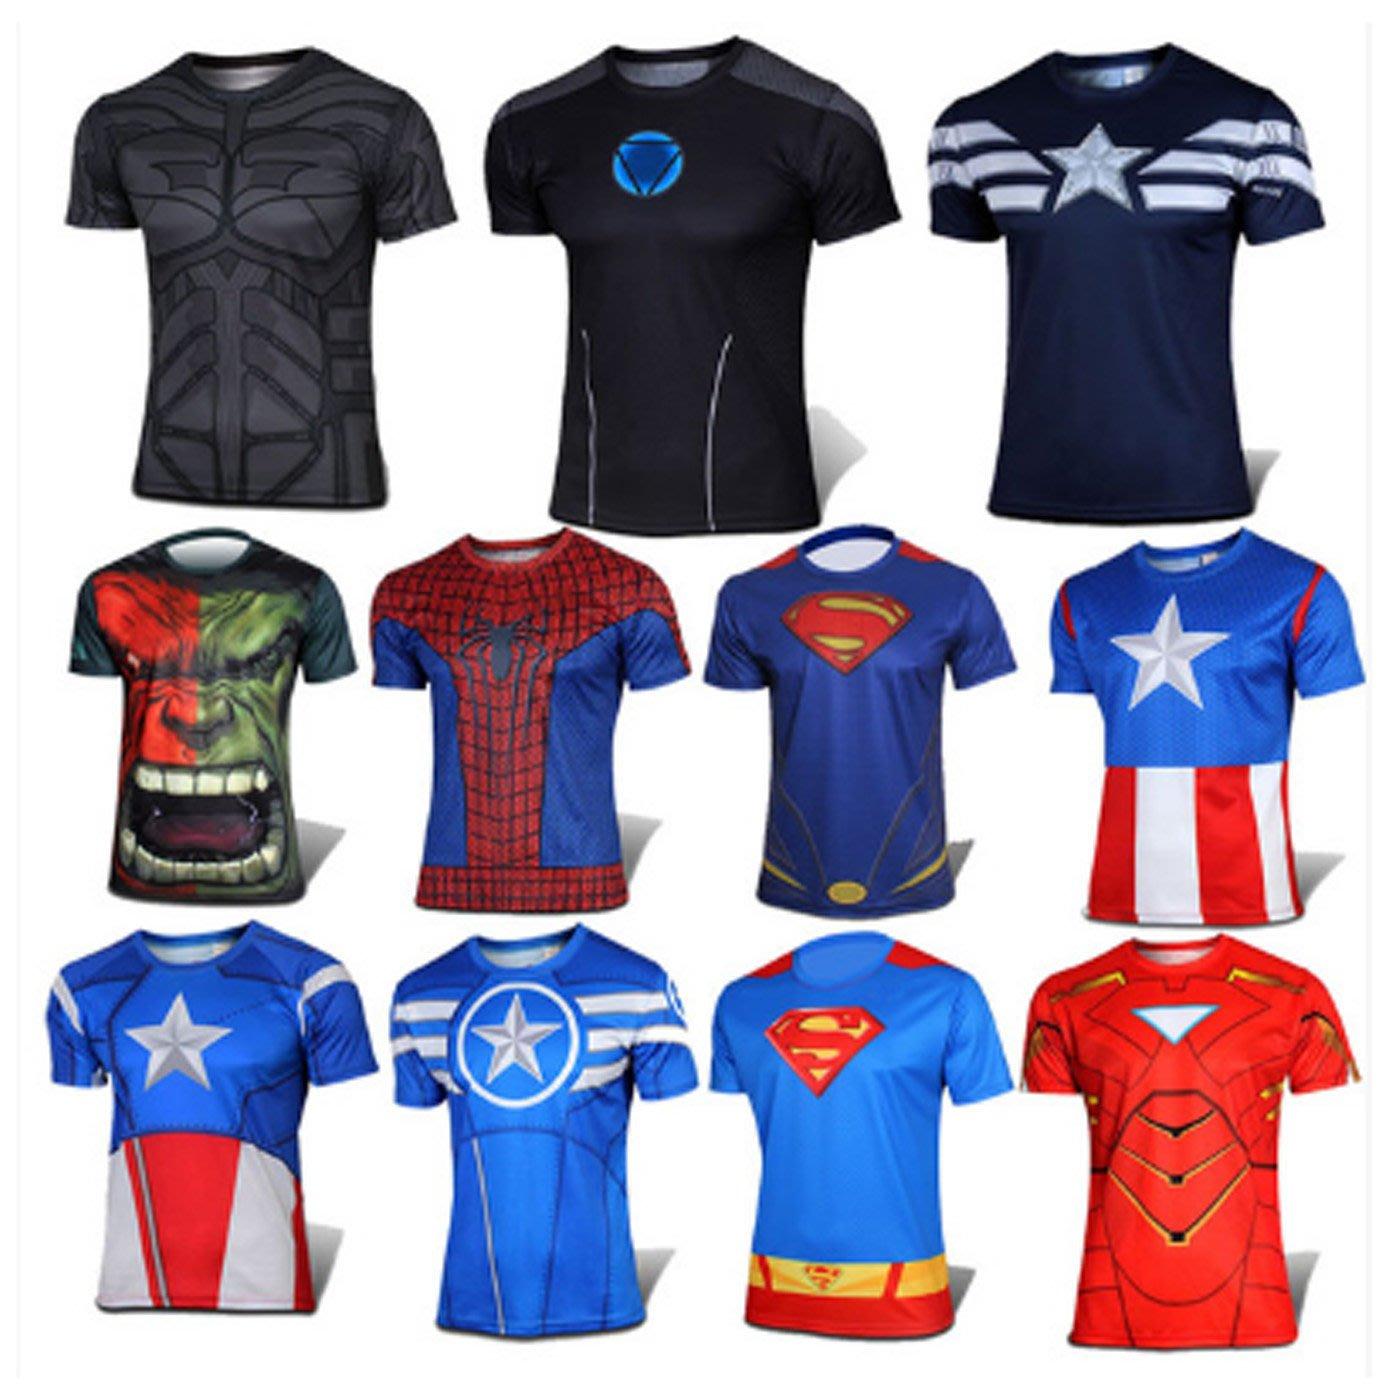 【綠色運動】17年 男士 緊身衣 運動健身衣速幹衣 訓練服 美國隊長 鋼鐵俠 超人短袖T恤 吸濕排汗速幹 預定款 帕